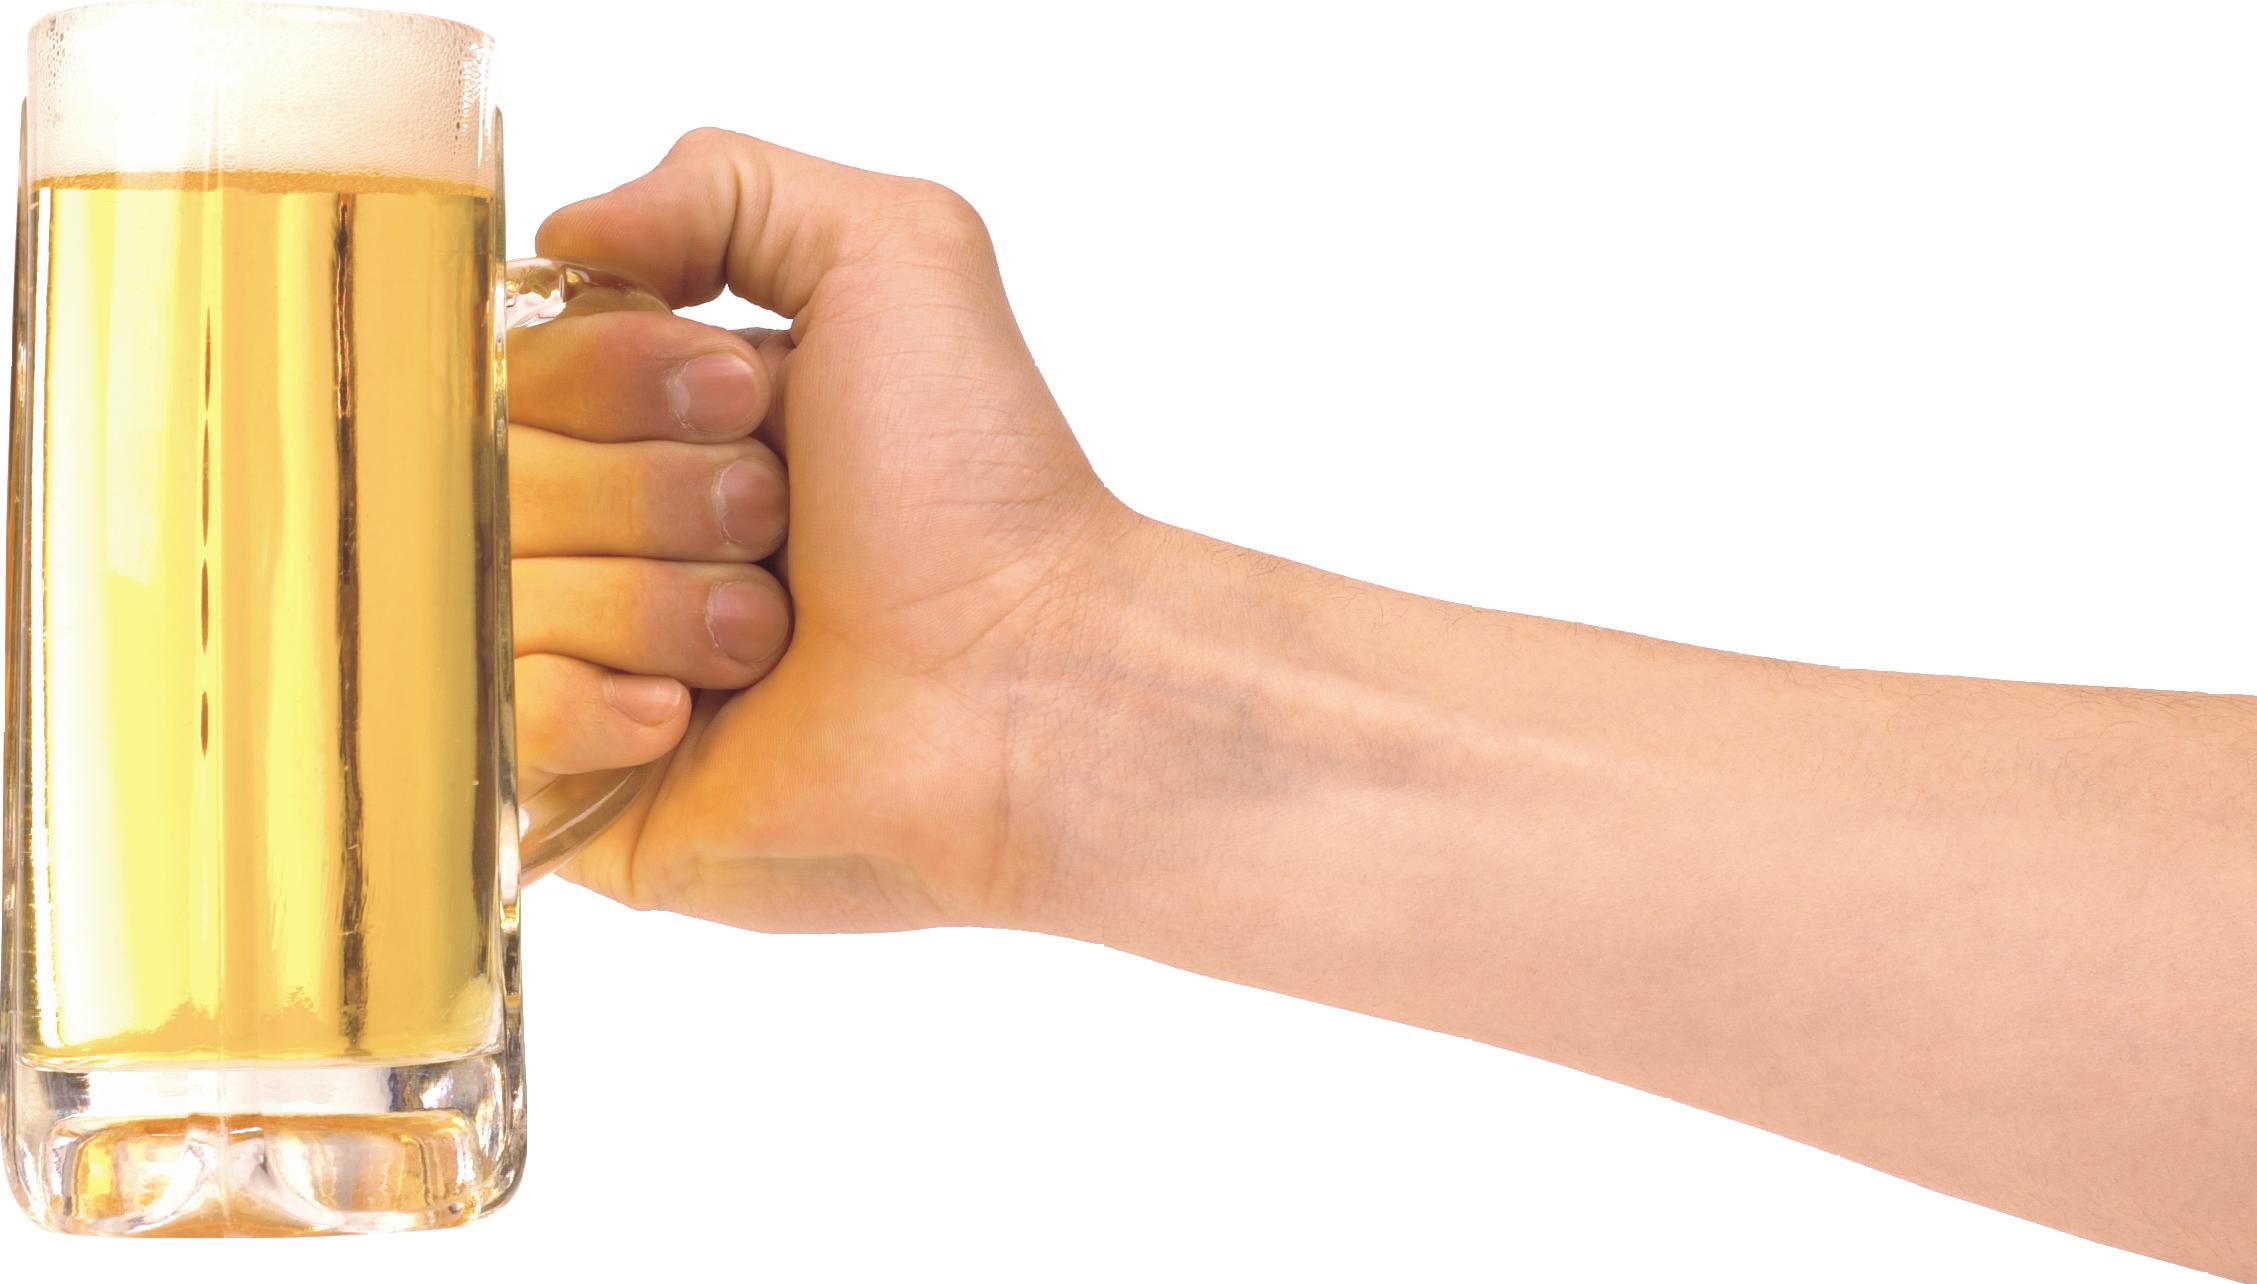 Пиво кружка в руке PNG фото